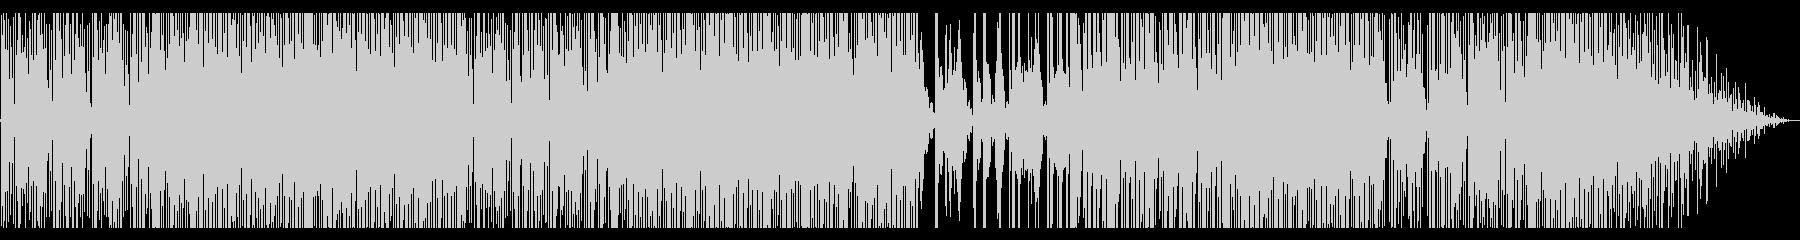 レトロ/浮遊感/テクノ_No437の未再生の波形